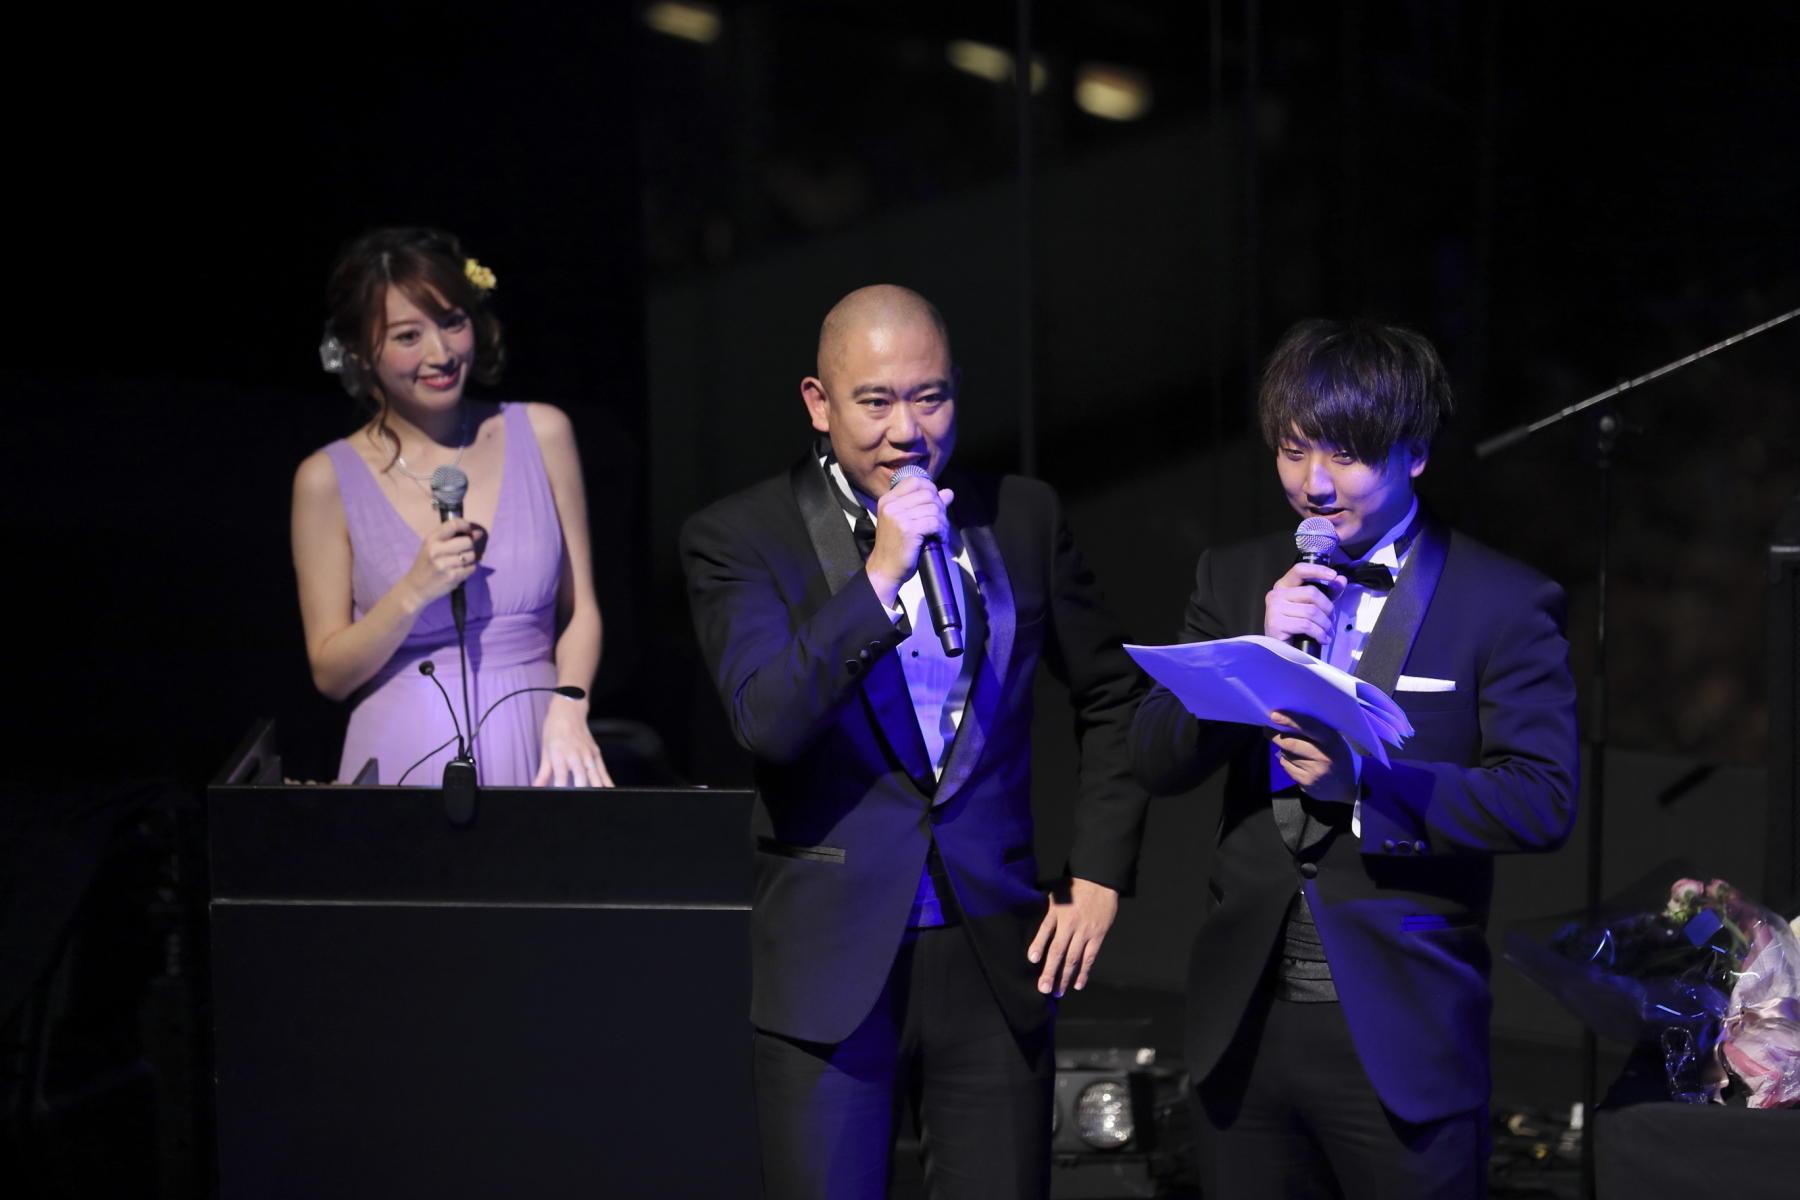 http://news.yoshimoto.co.jp/20171030230514-3998bd86e5a261570c16d7d1baa2c3fa9ad55e6f.jpg